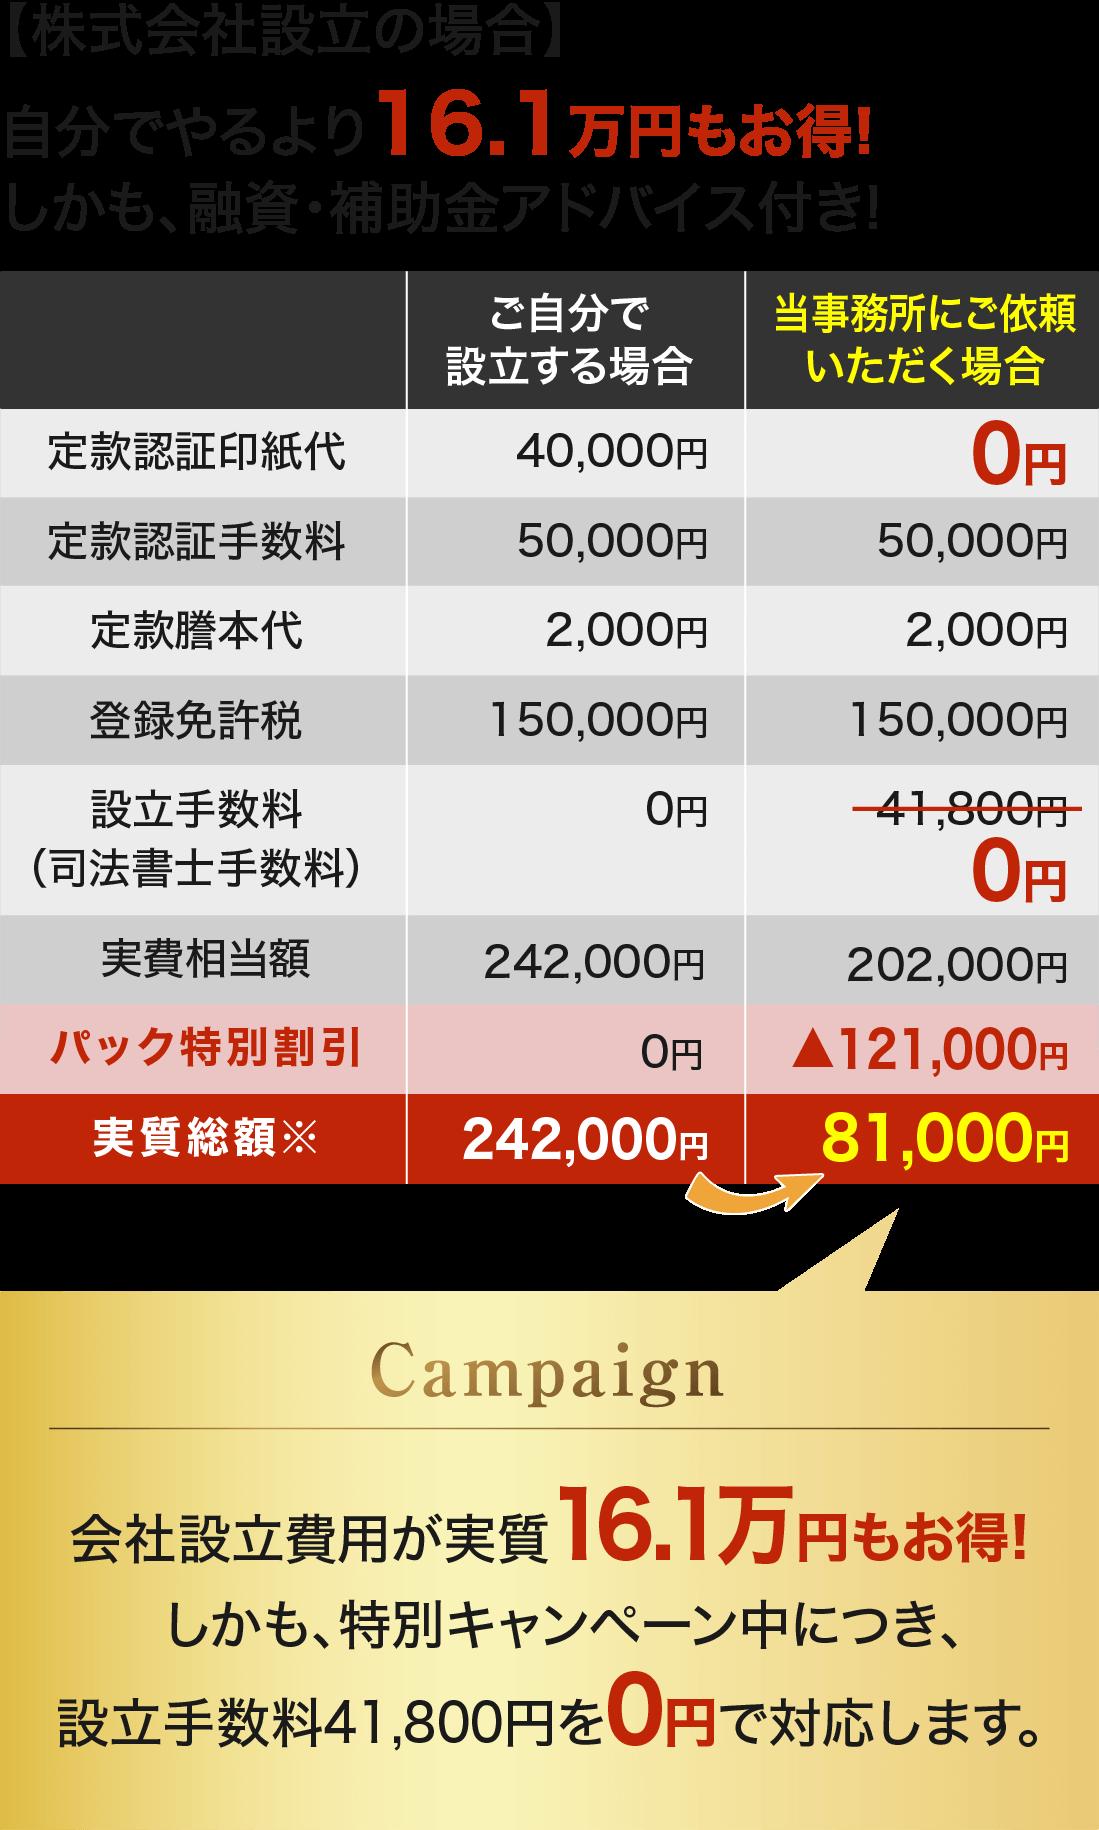 株式会社設立キャンペーン